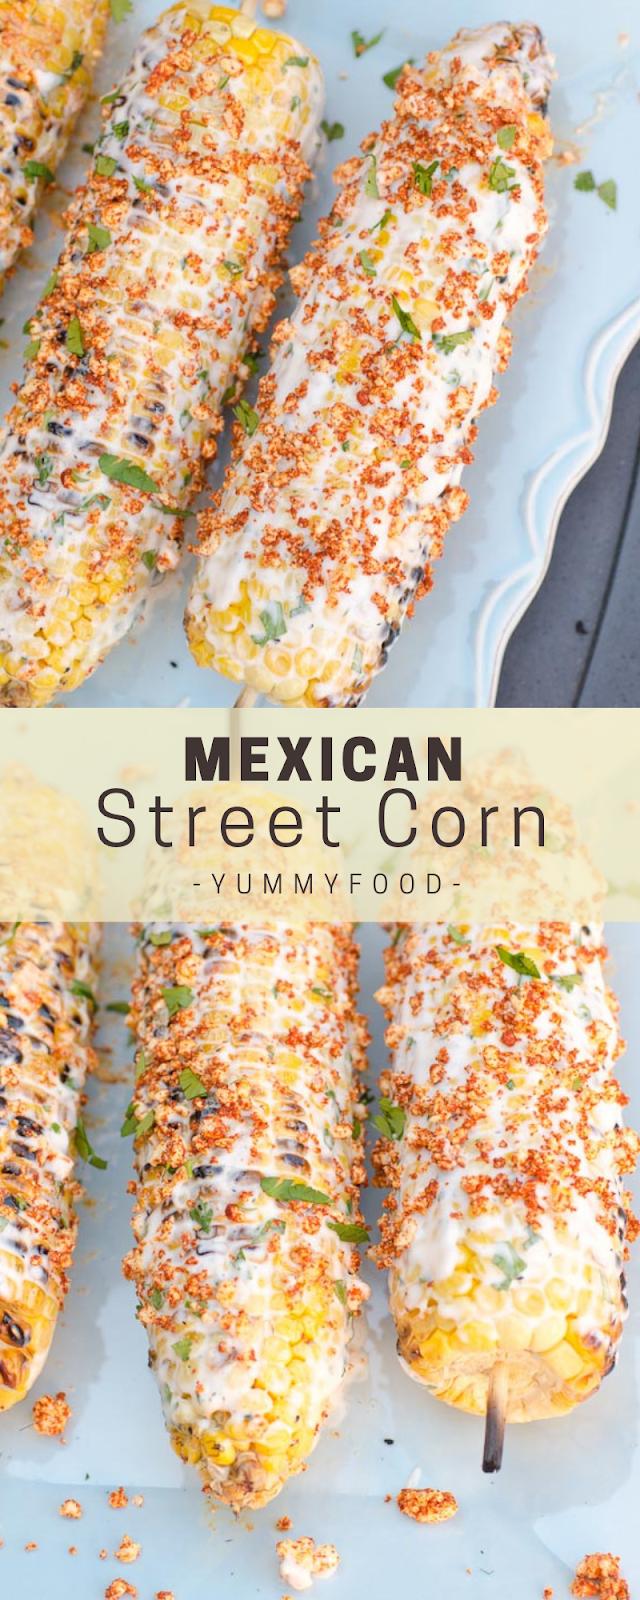 Mеxісаn Street Corn